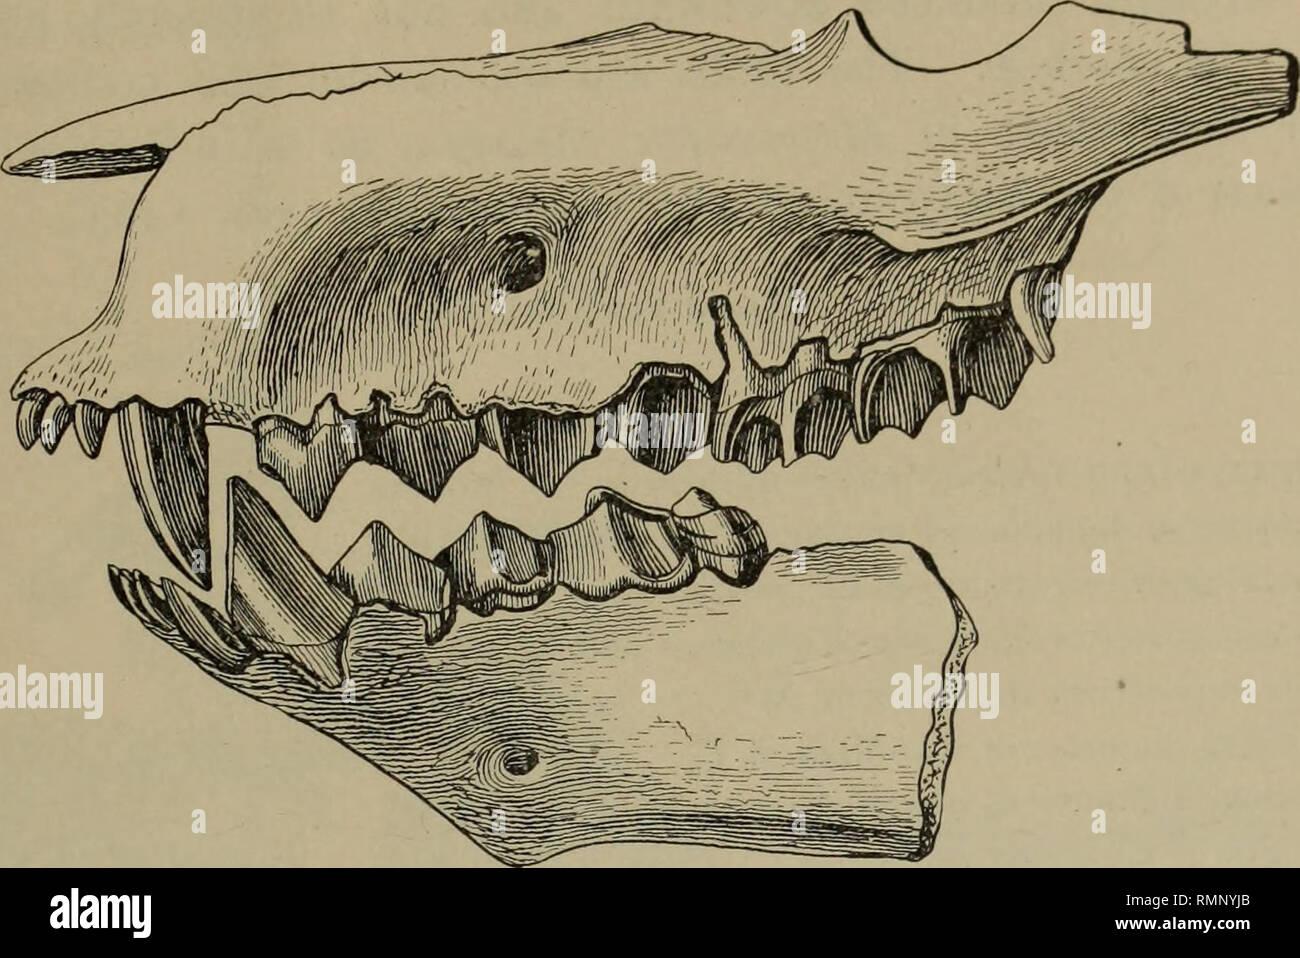 . Anales del Museo Carnegie. Carnegie Carnegie Museum; el Museo de Historia Natural; historia natural. Peterson: Mioceno camas de Nebraska y Wyomin< 25 de las principales diferencias entre Mesoreodon chelonyx, la más conocida de las especies descritas por el Profesor Scott,5 y Mesoreodon megalodon. Fig. 2. Vista lateral de las mandíbulas superiores e inferiores de Mesoreodon megalodon. nat. tamaño. Tipo. Nº 1325. Por favor tenga en cuenta que estas imágenes son extraídas de la página escaneada imágenes que podrían haber sido mejoradas digitalmente para mejorar la legibilidad, la coloración y el aspecto de estas ilustraciones pueden no parecerse perfectamente a los orígenes Foto de stock